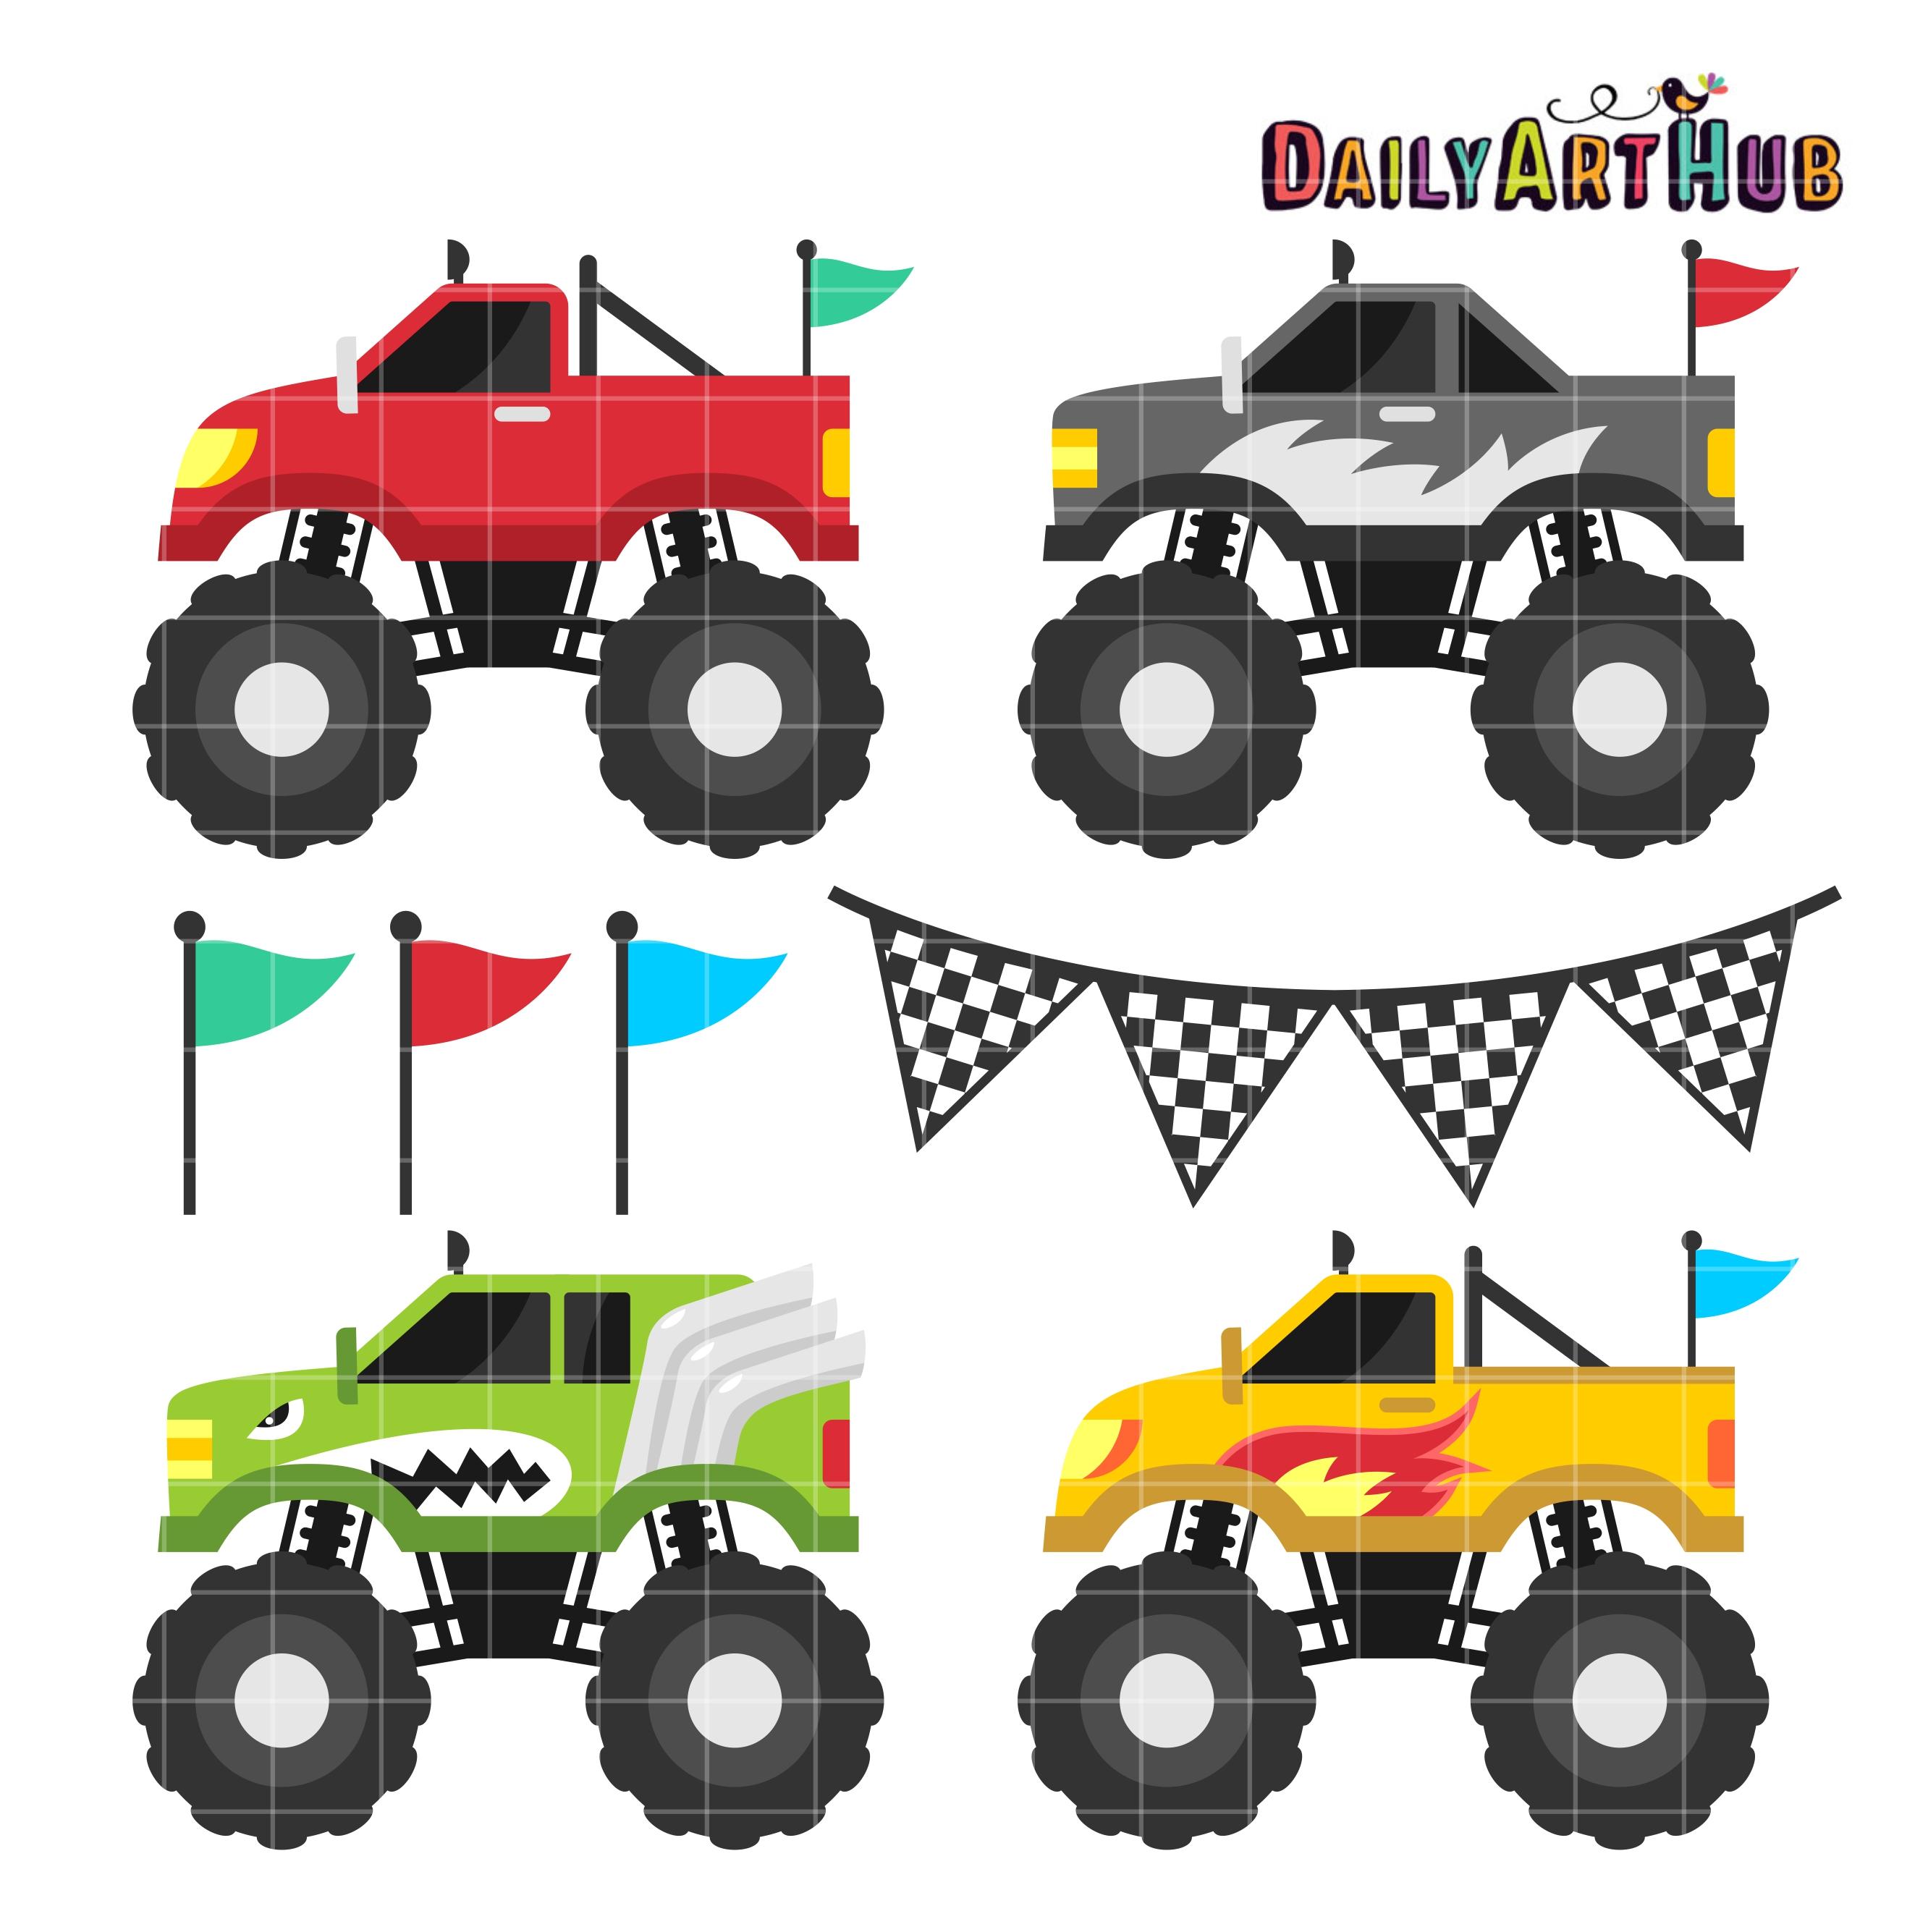 Monster trucks clip art set daily art hub free clip for Cute car tag ideas